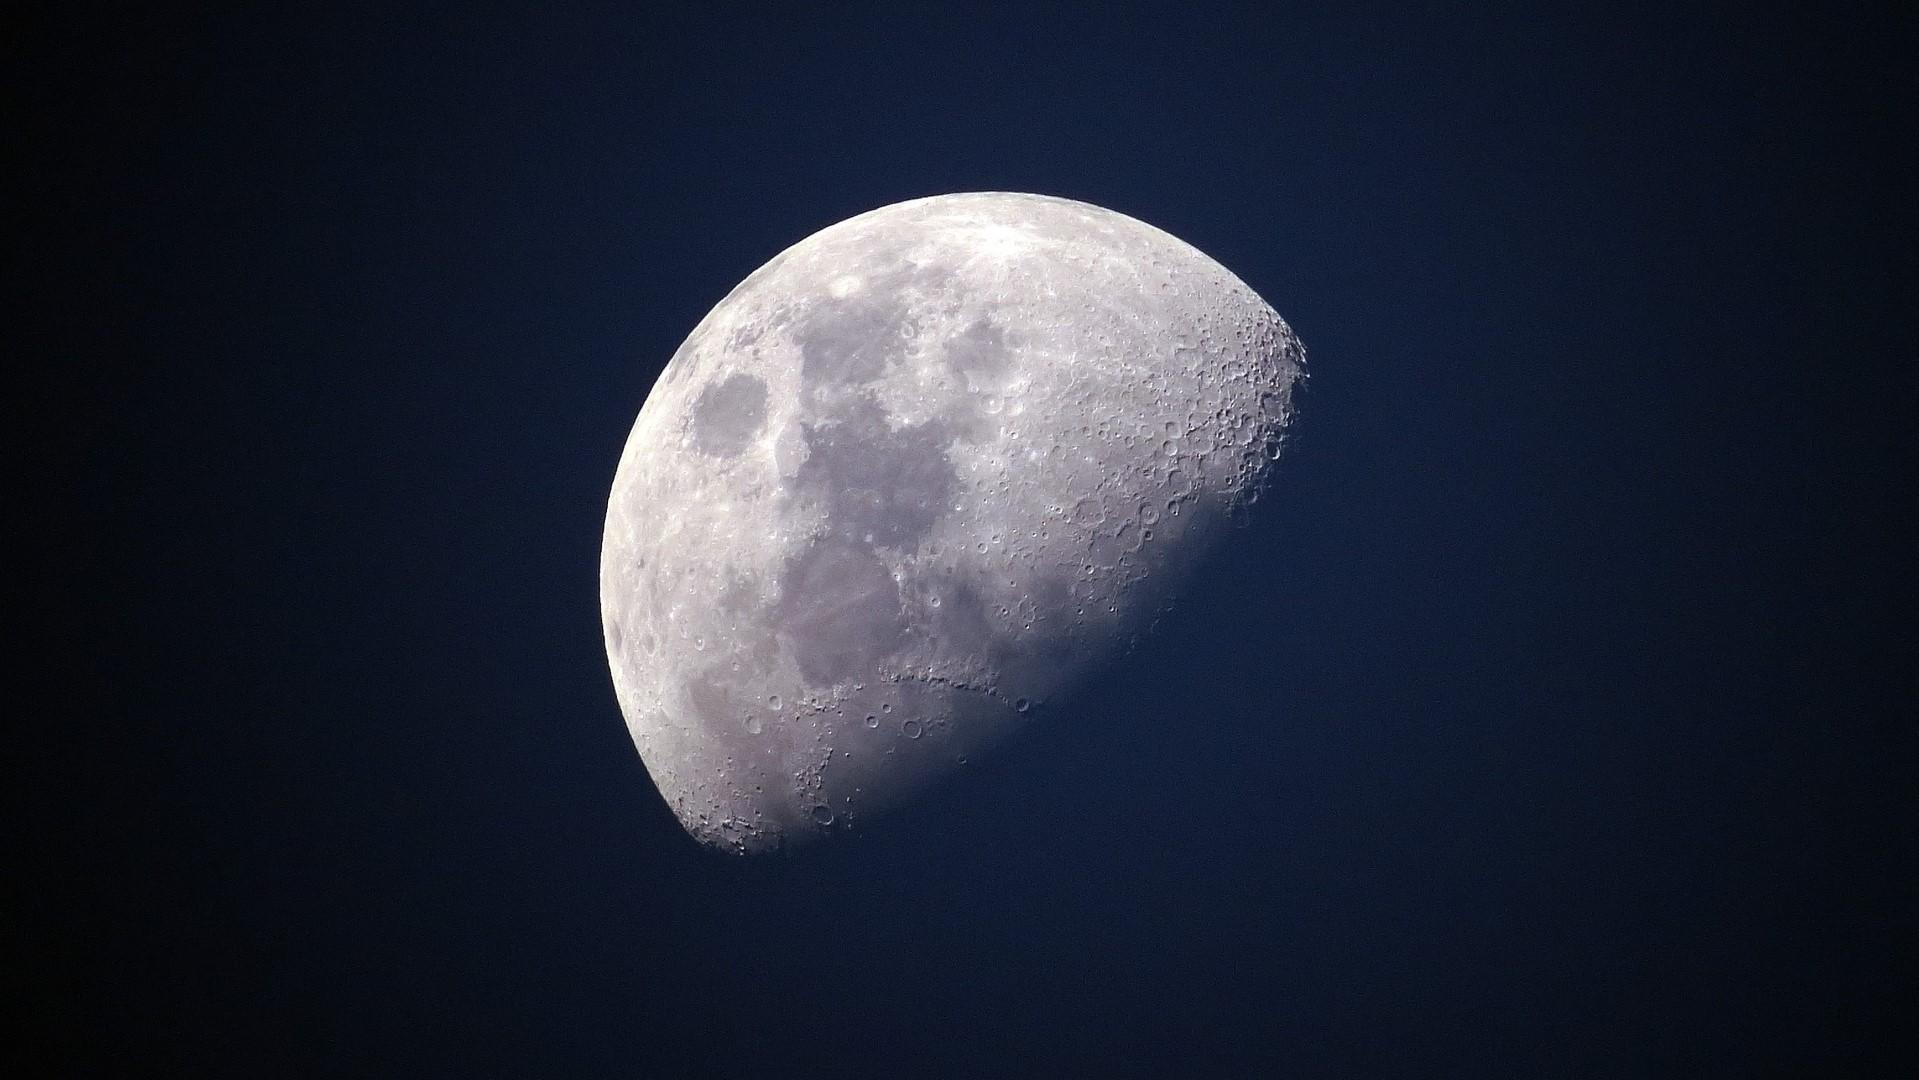 księżyc - pixabay